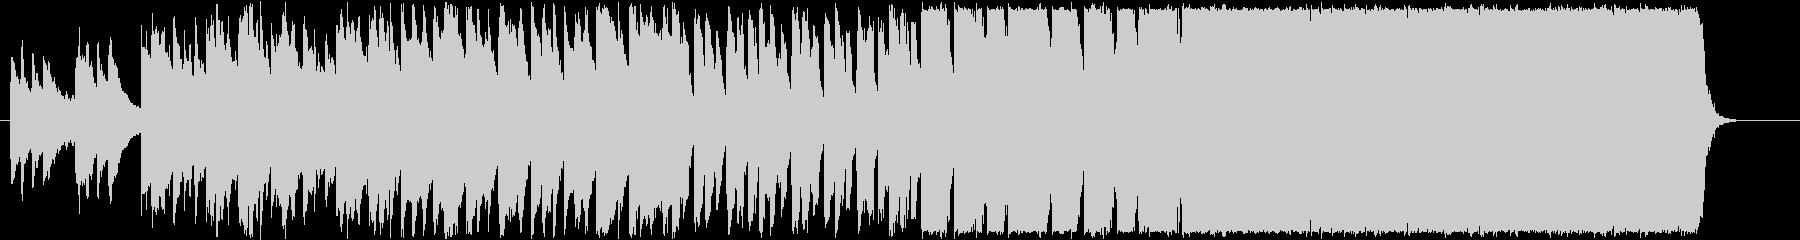 和風な星空をイメージした三拍子のBGMの未再生の波形